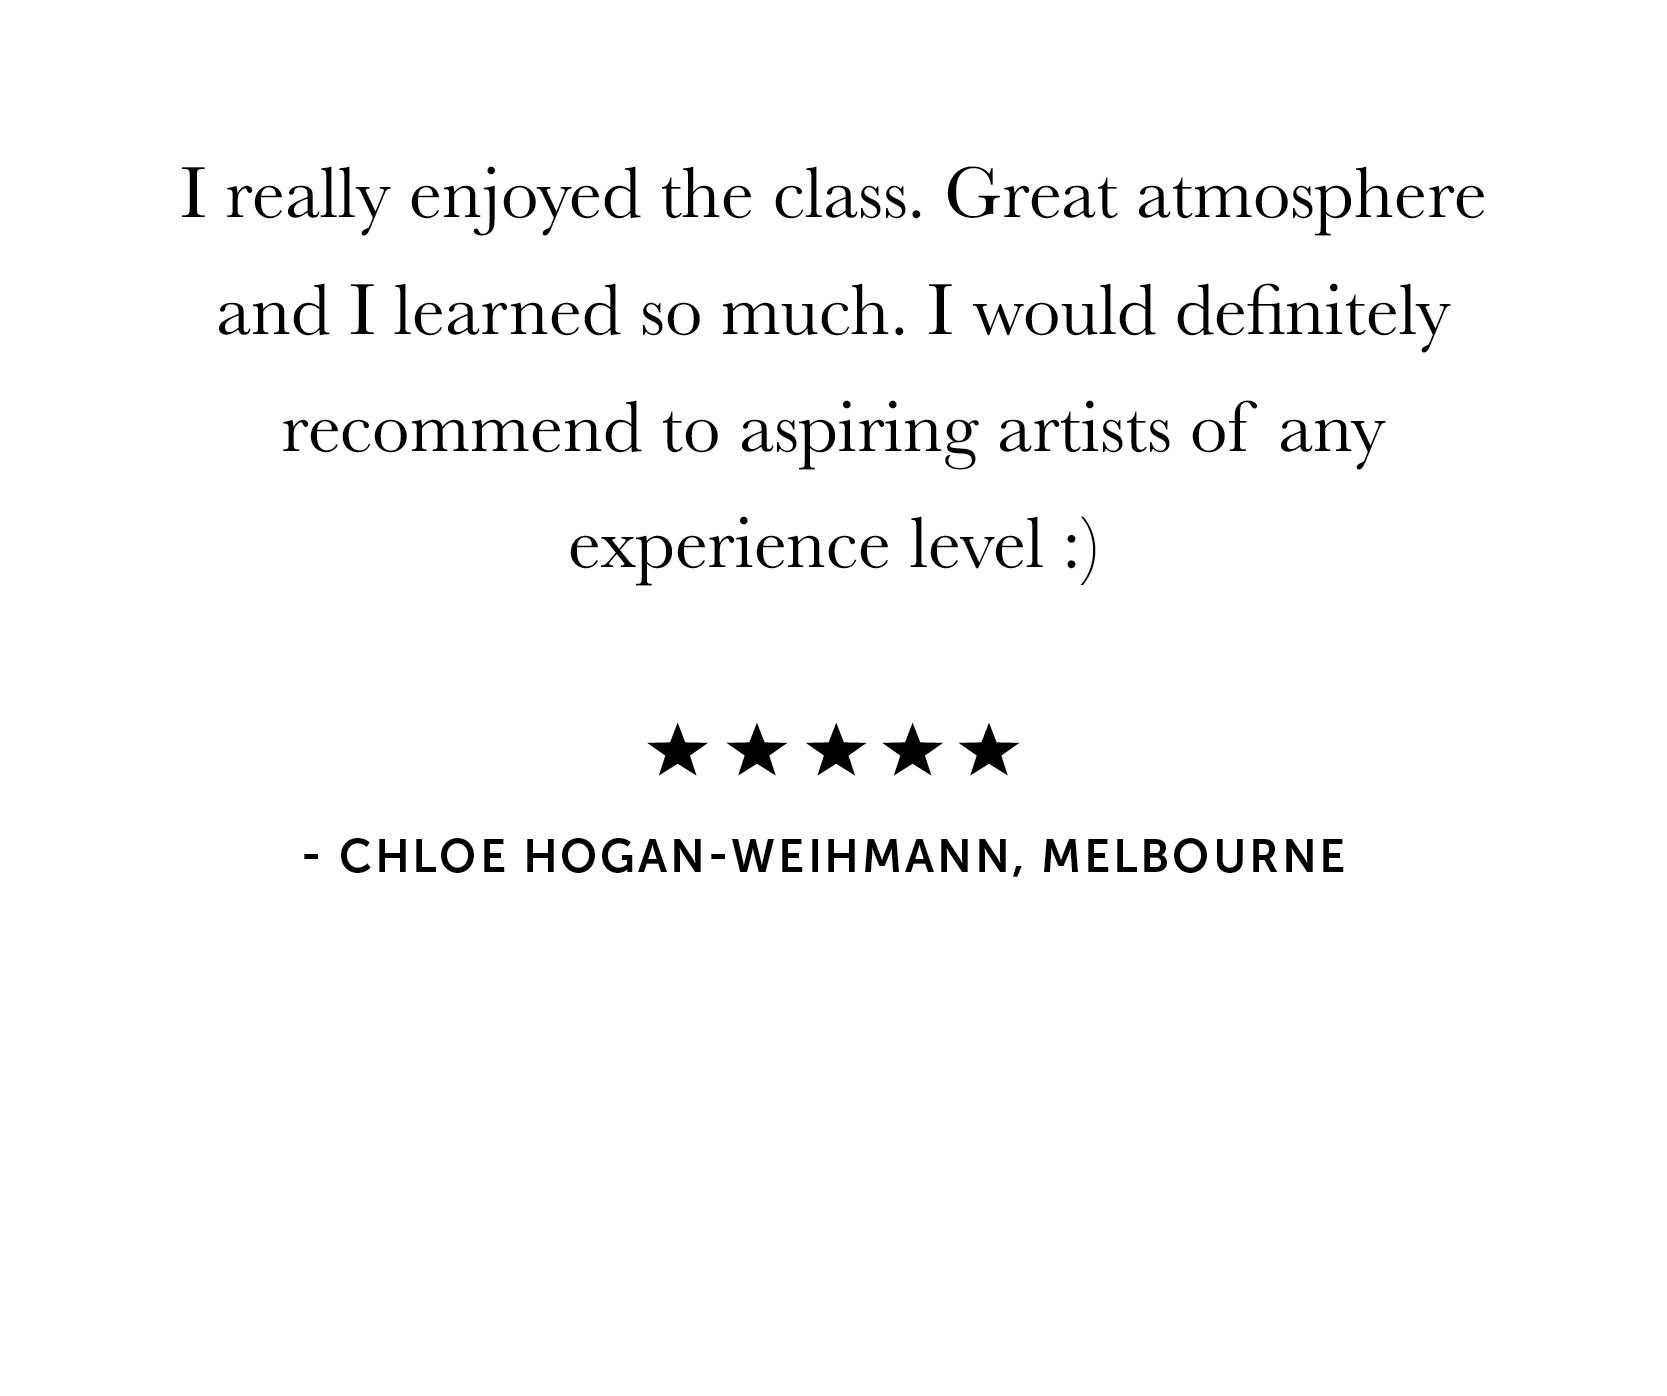 Chloe Hogan-Weihmann.jpg